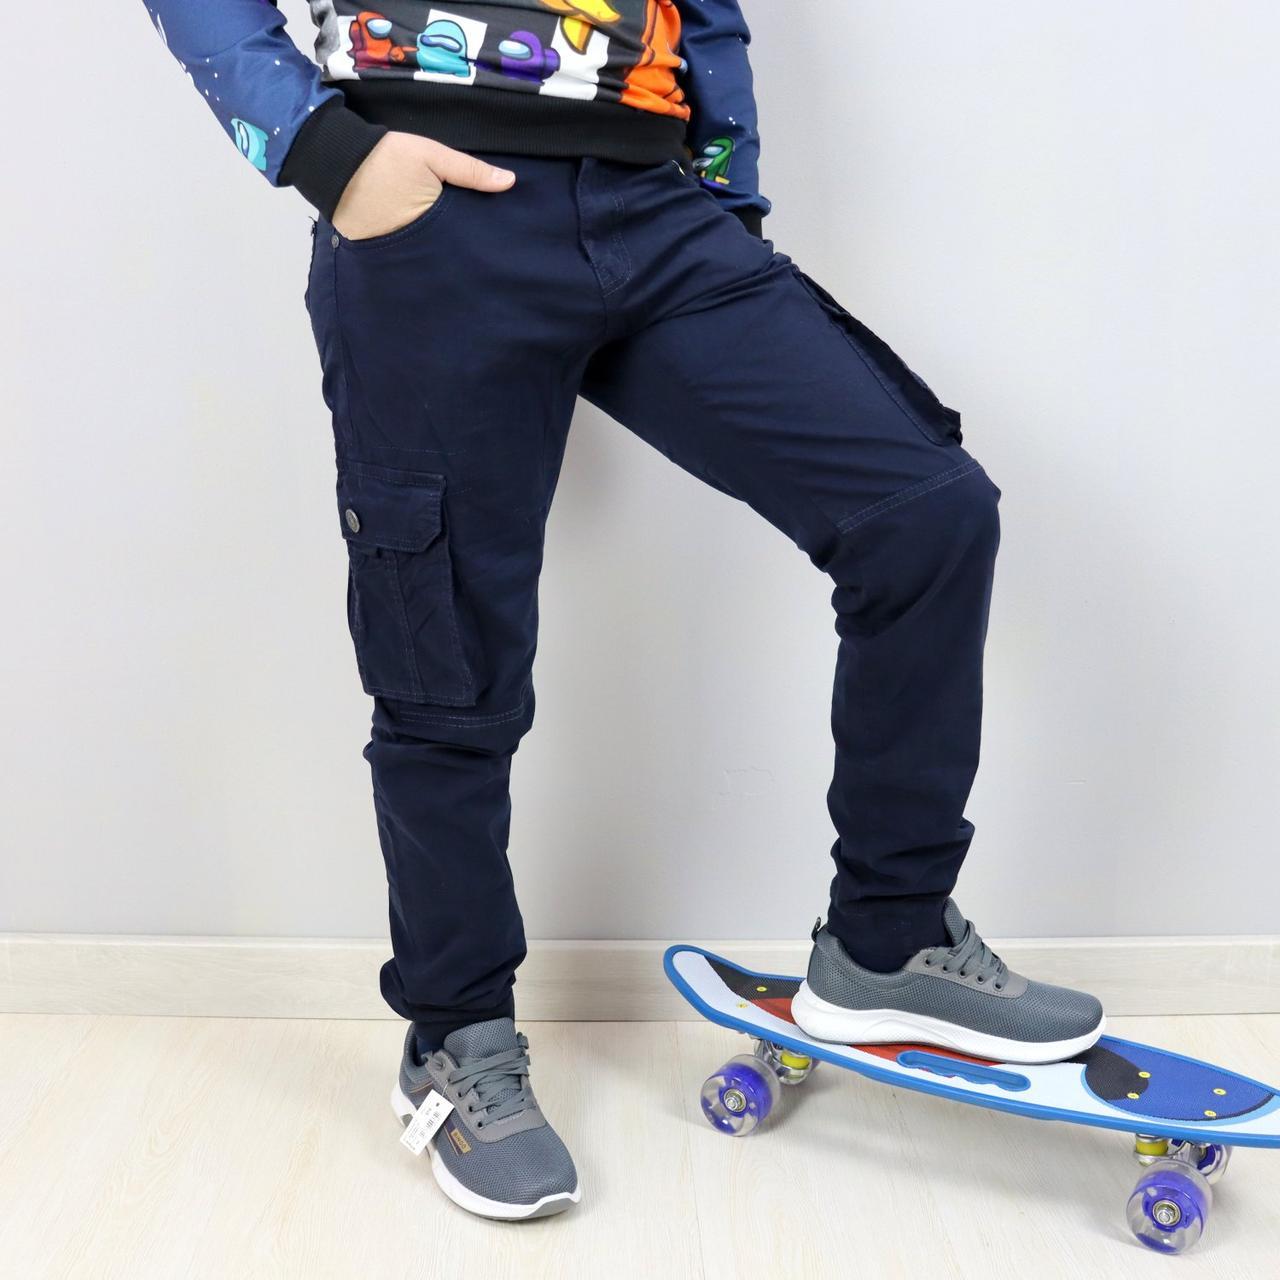 68006син Синие брюки джоггеры для мальчика тм SEAGULL размер 158,164 см